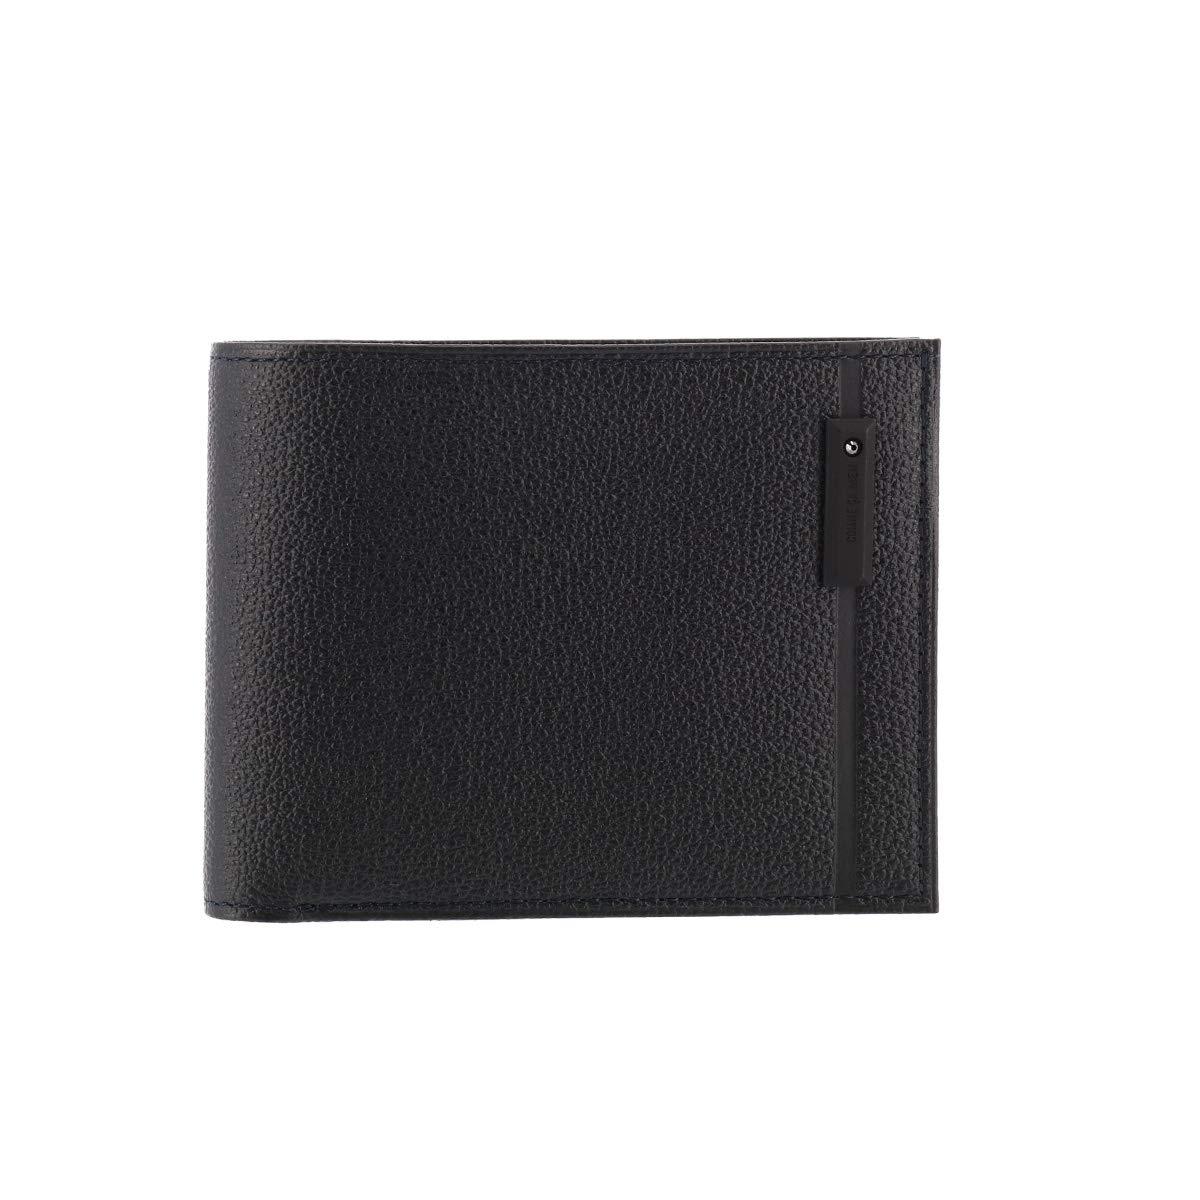 [コムサメン] 二つ折り財布 オンブル メンズ 5665 【10】ブラック - B07G3Q22FX